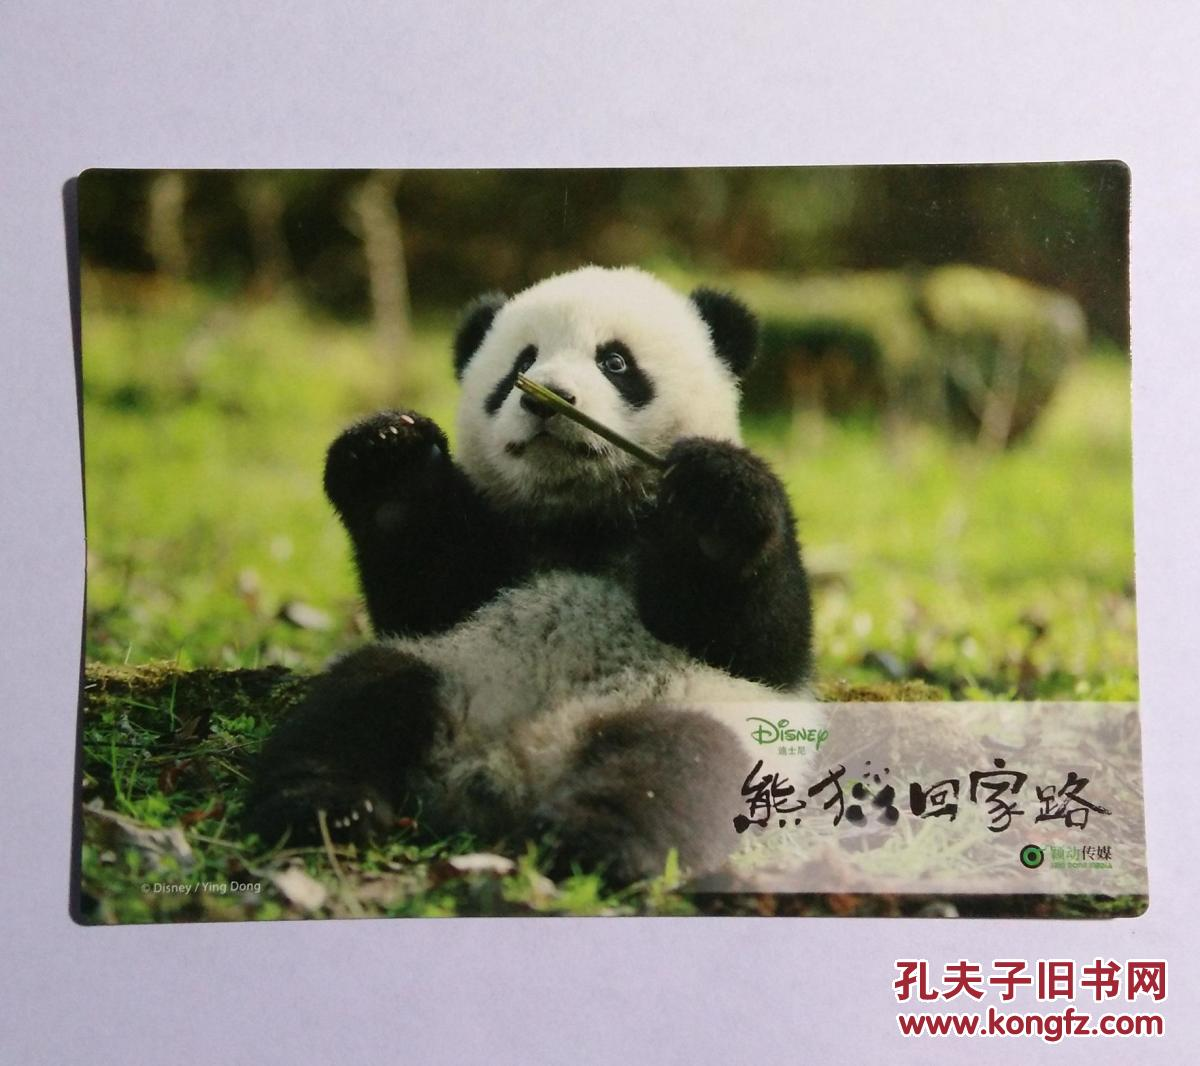 壁纸 大熊猫 动物 1200_1066